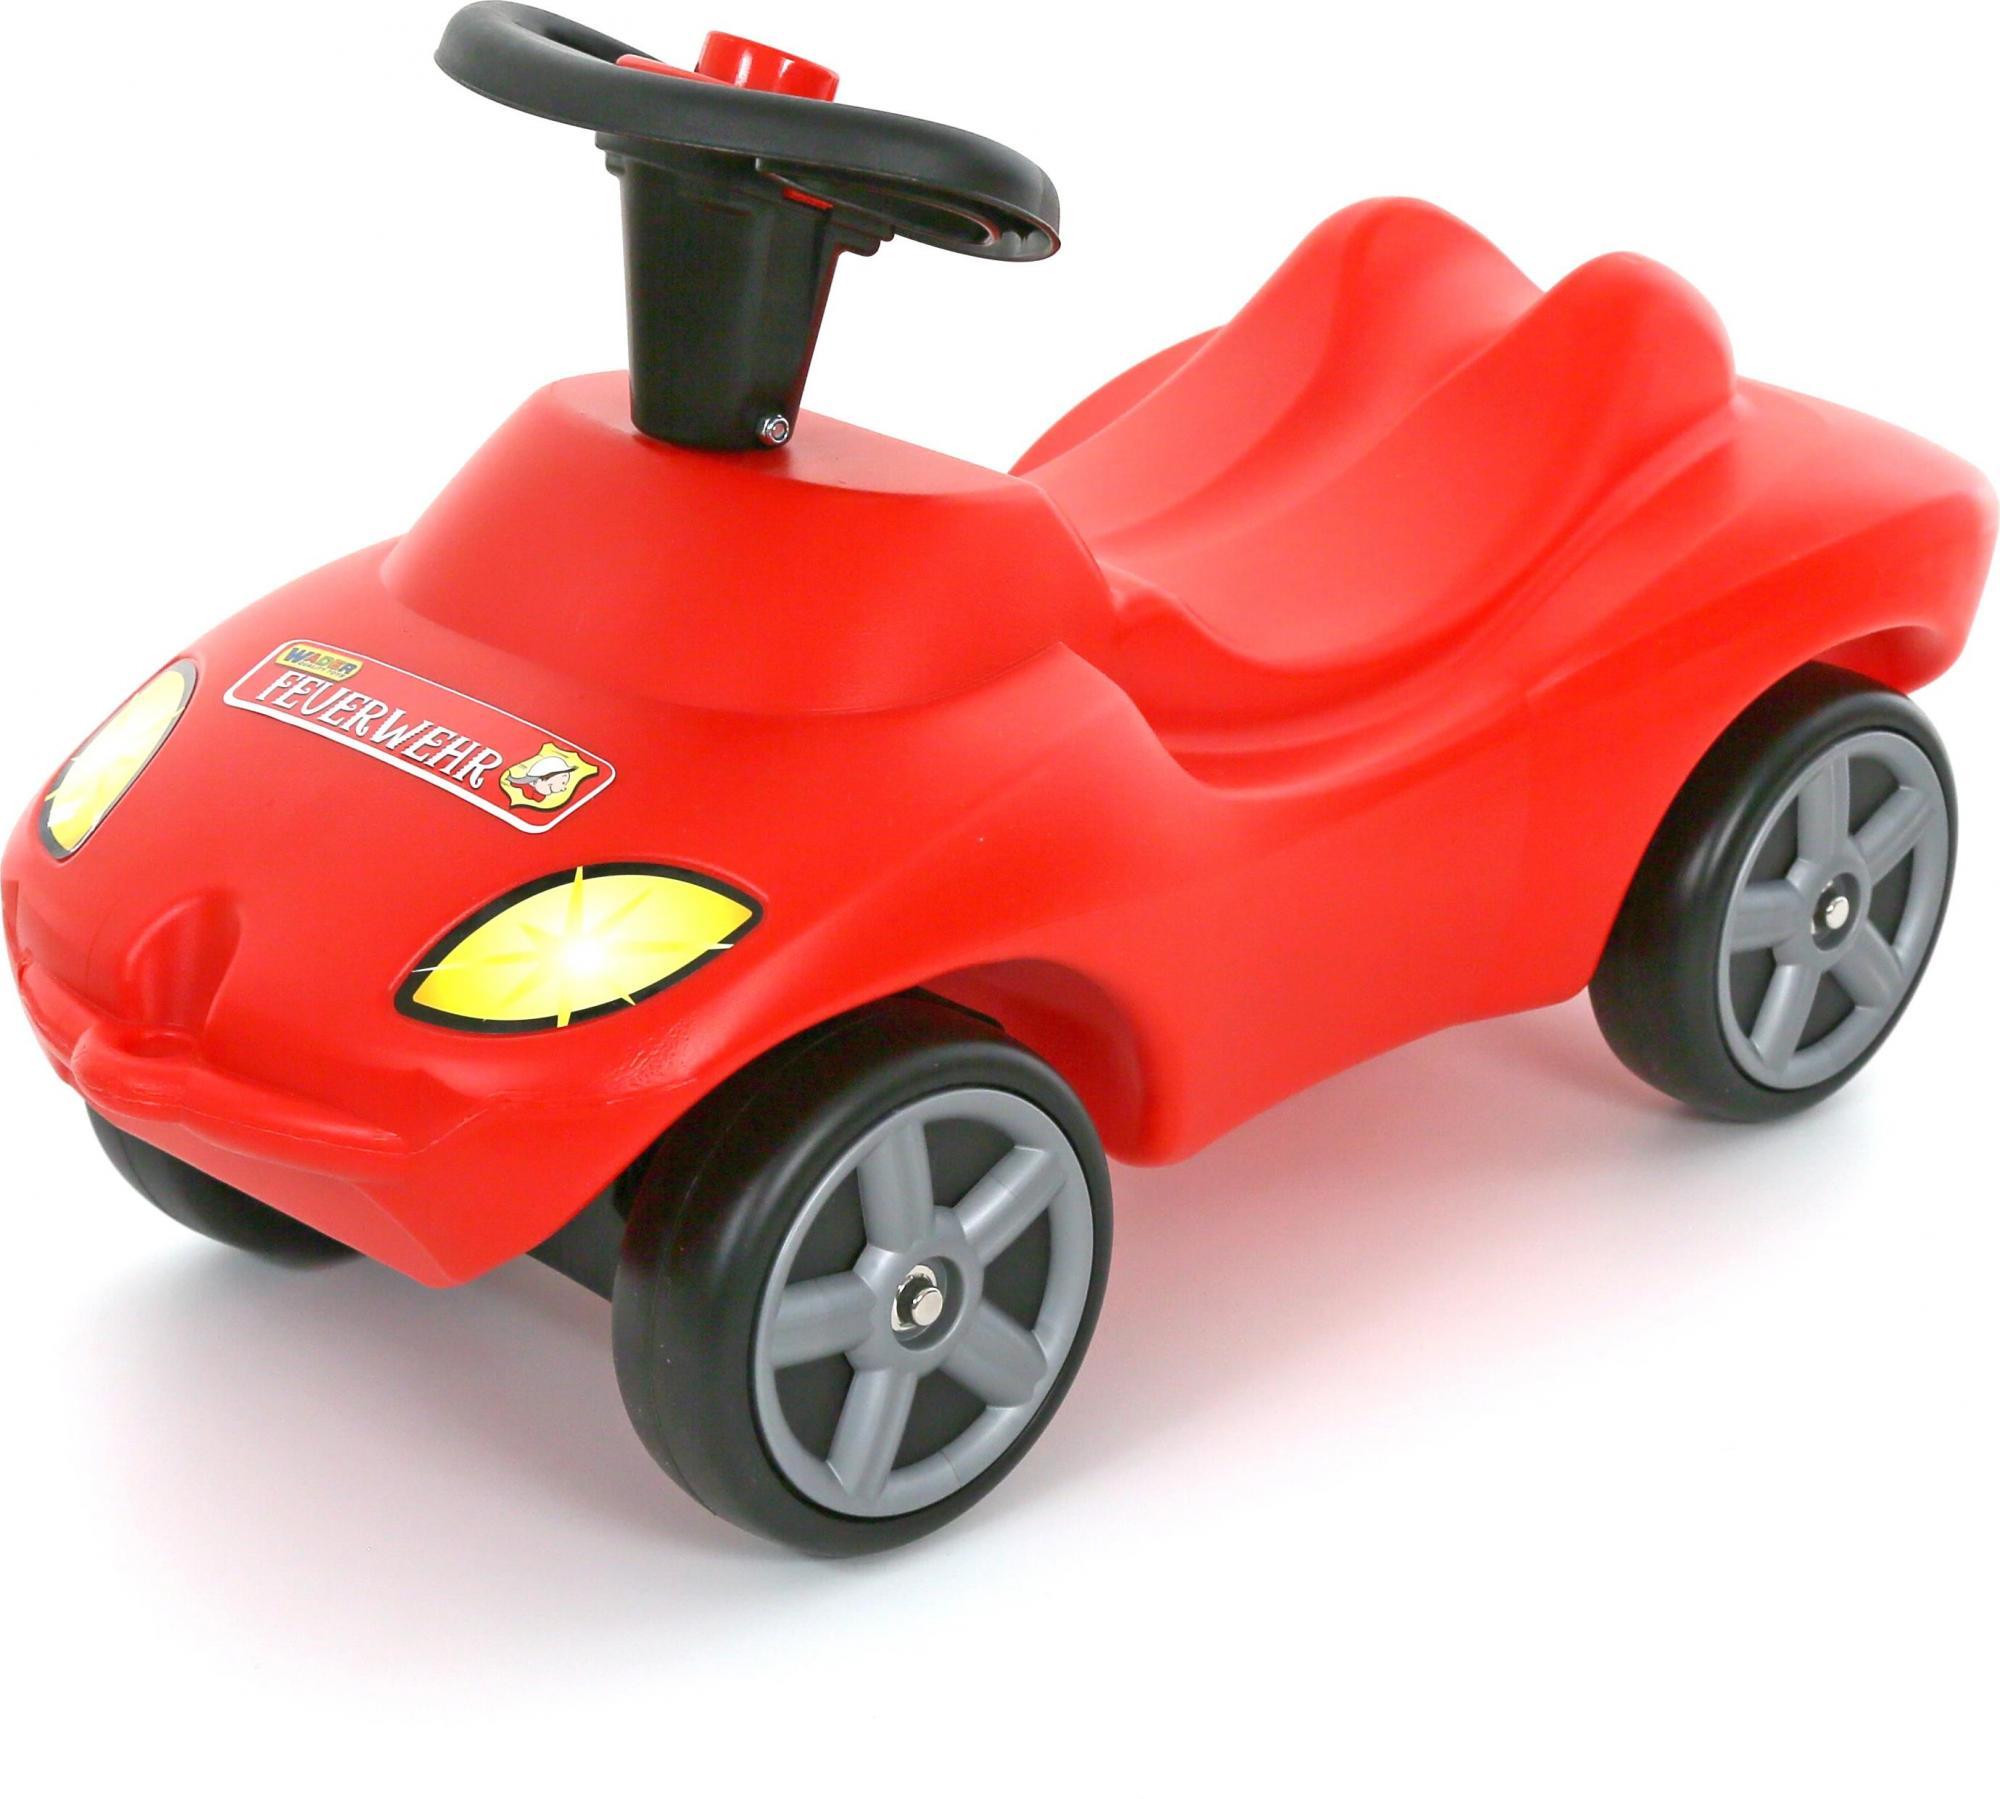 Каталка-автомобиль - Пожарная команда, со звуковым сигналомМашинки-каталки для детей<br>Каталка-автомобиль - Пожарная команда, со звуковым сигналом<br>